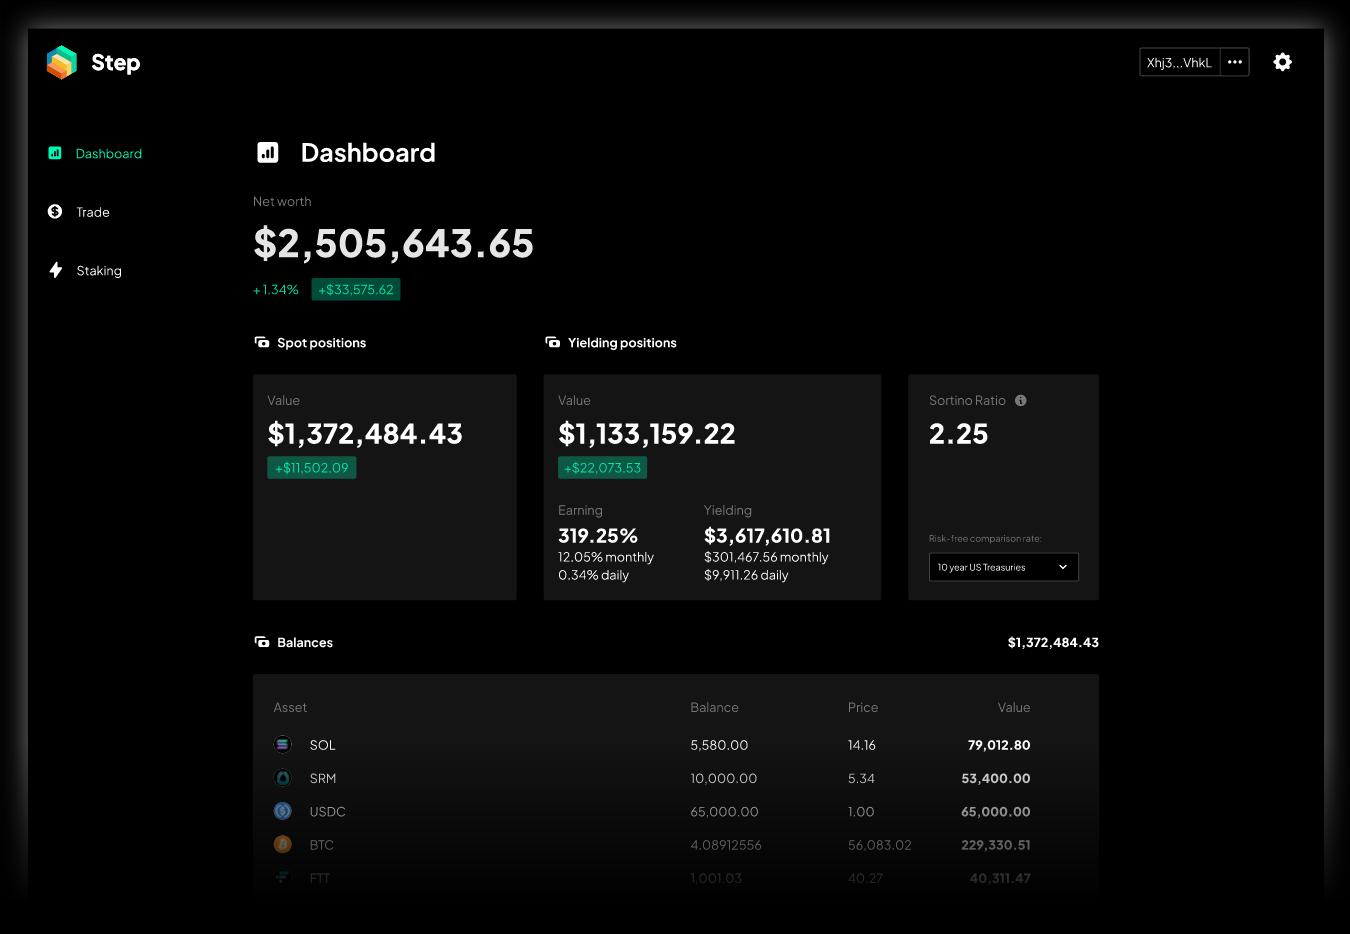 step finance dashboard